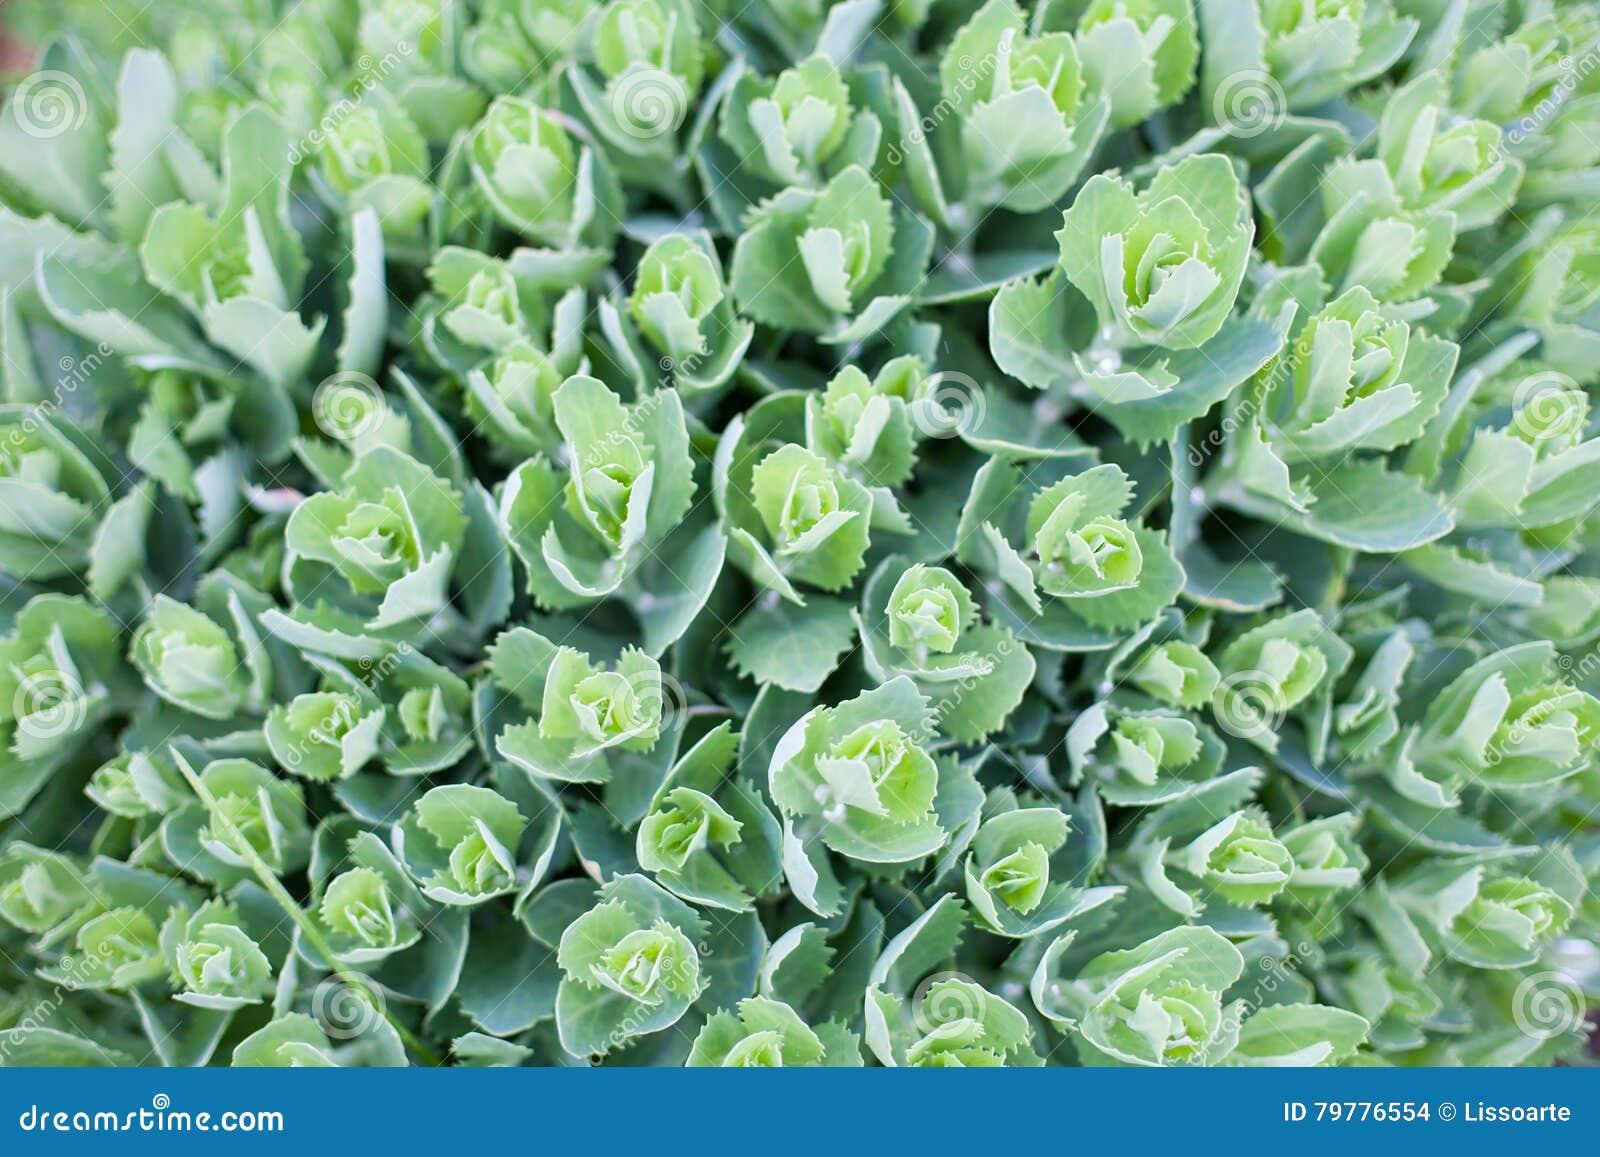 Ortensie Con Foglie Arricciate : Ortensie con foglie verde chiaro la migliore scelta di